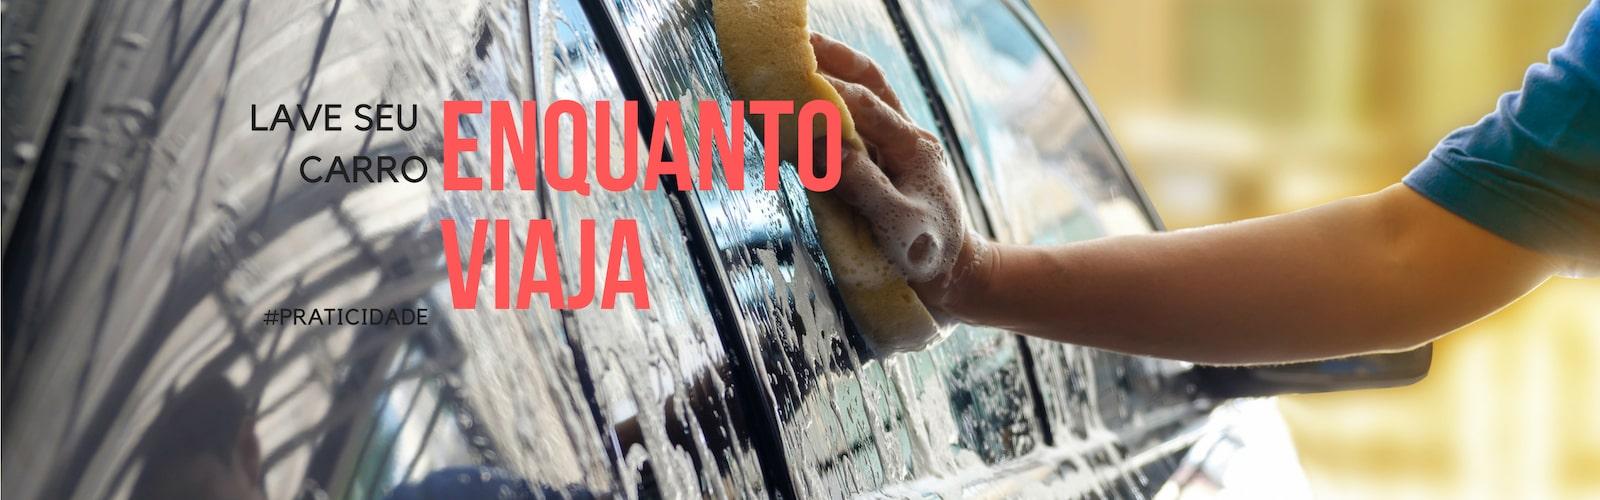 lavar carro pátio confins